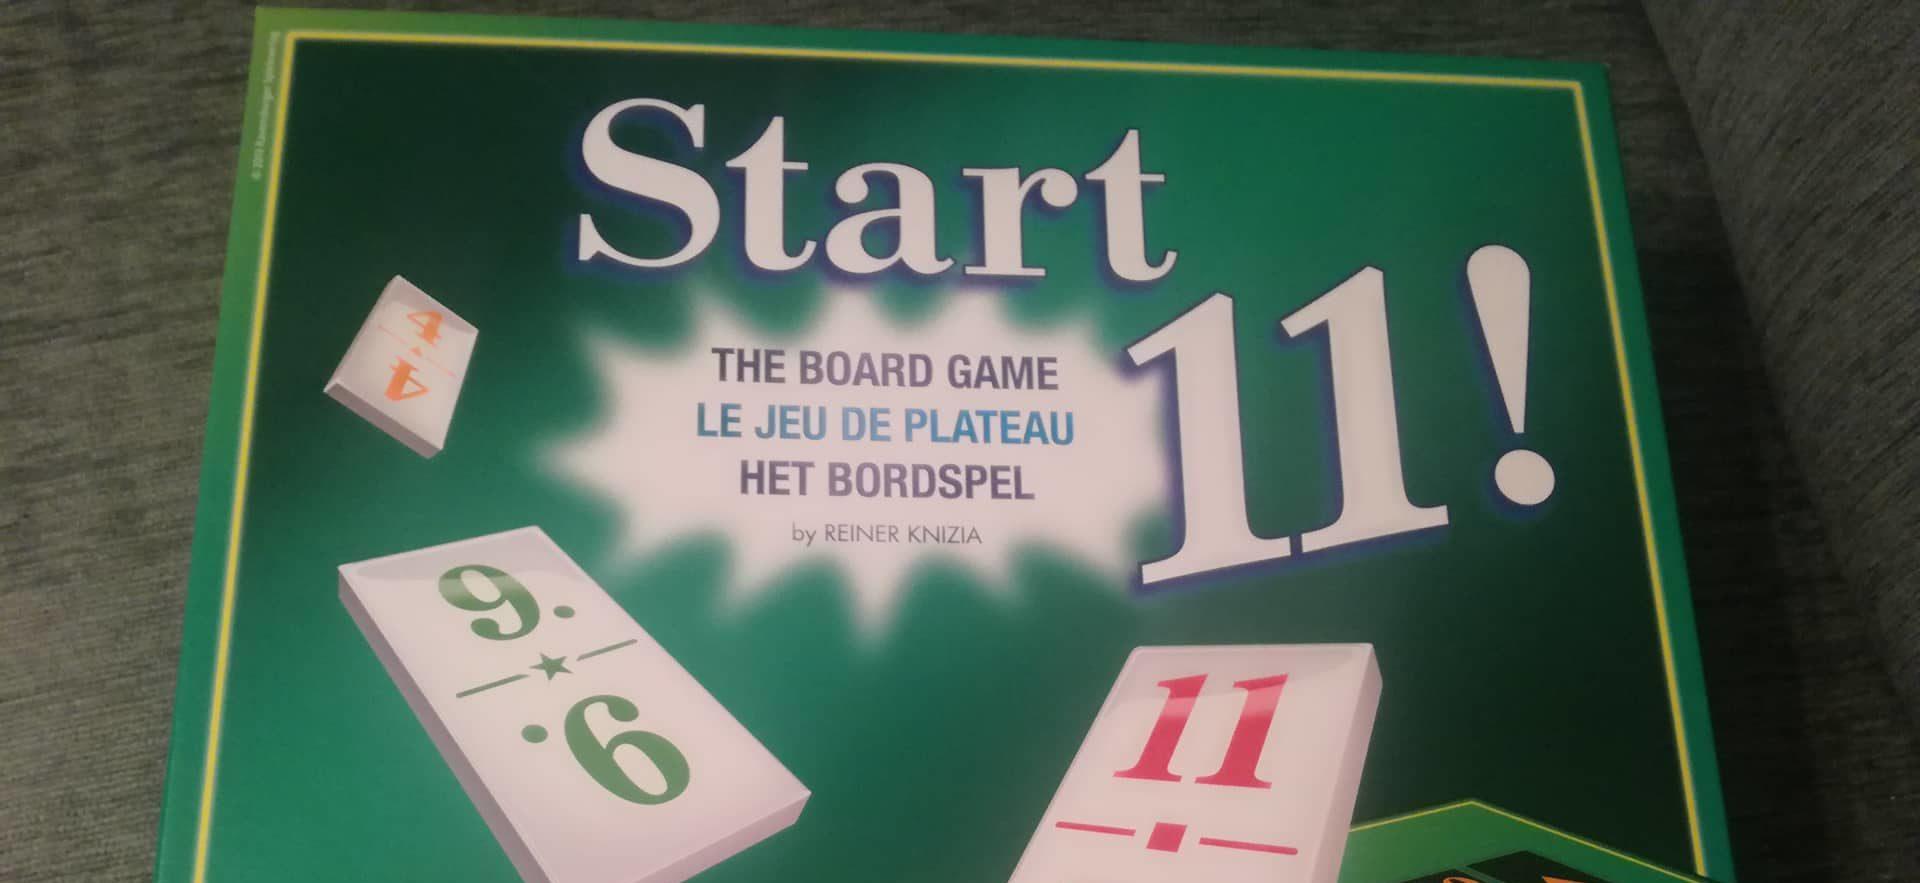 Start 11! – Райнър Книция – докато си почива